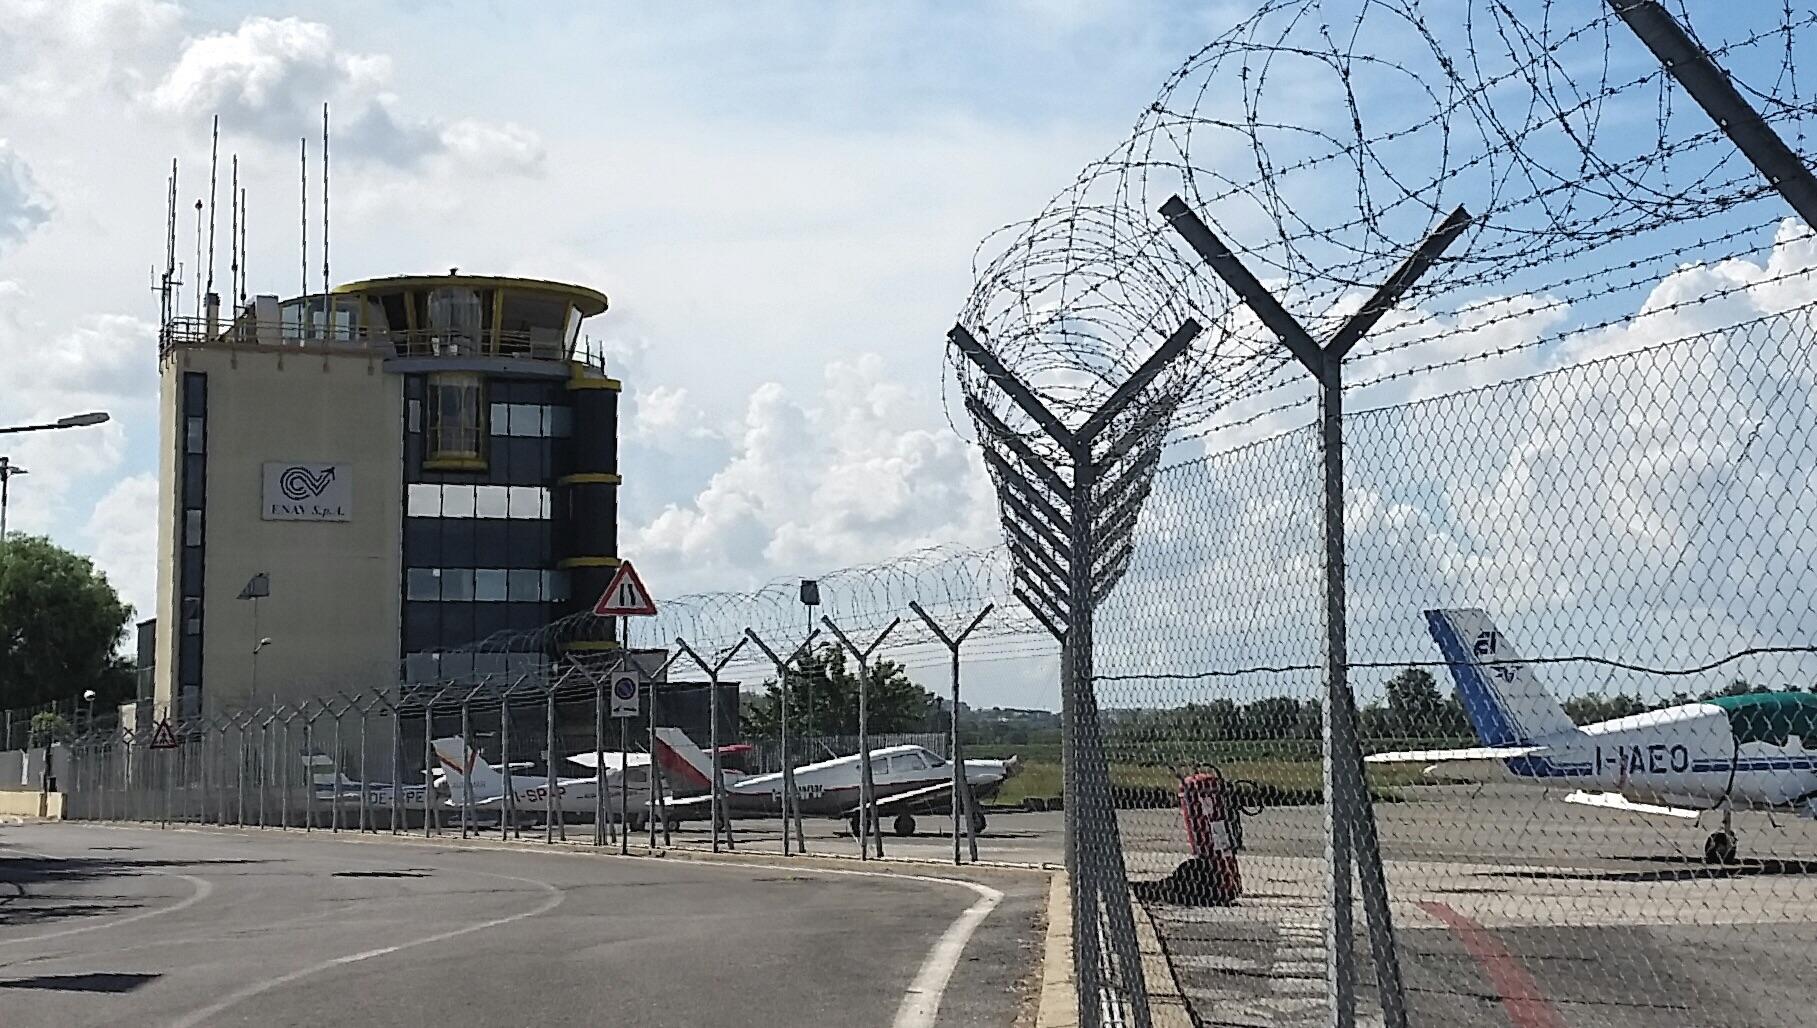 Aeroporto Urbe : File torre di controllo enav aeroporto roma urbe g wikimedia